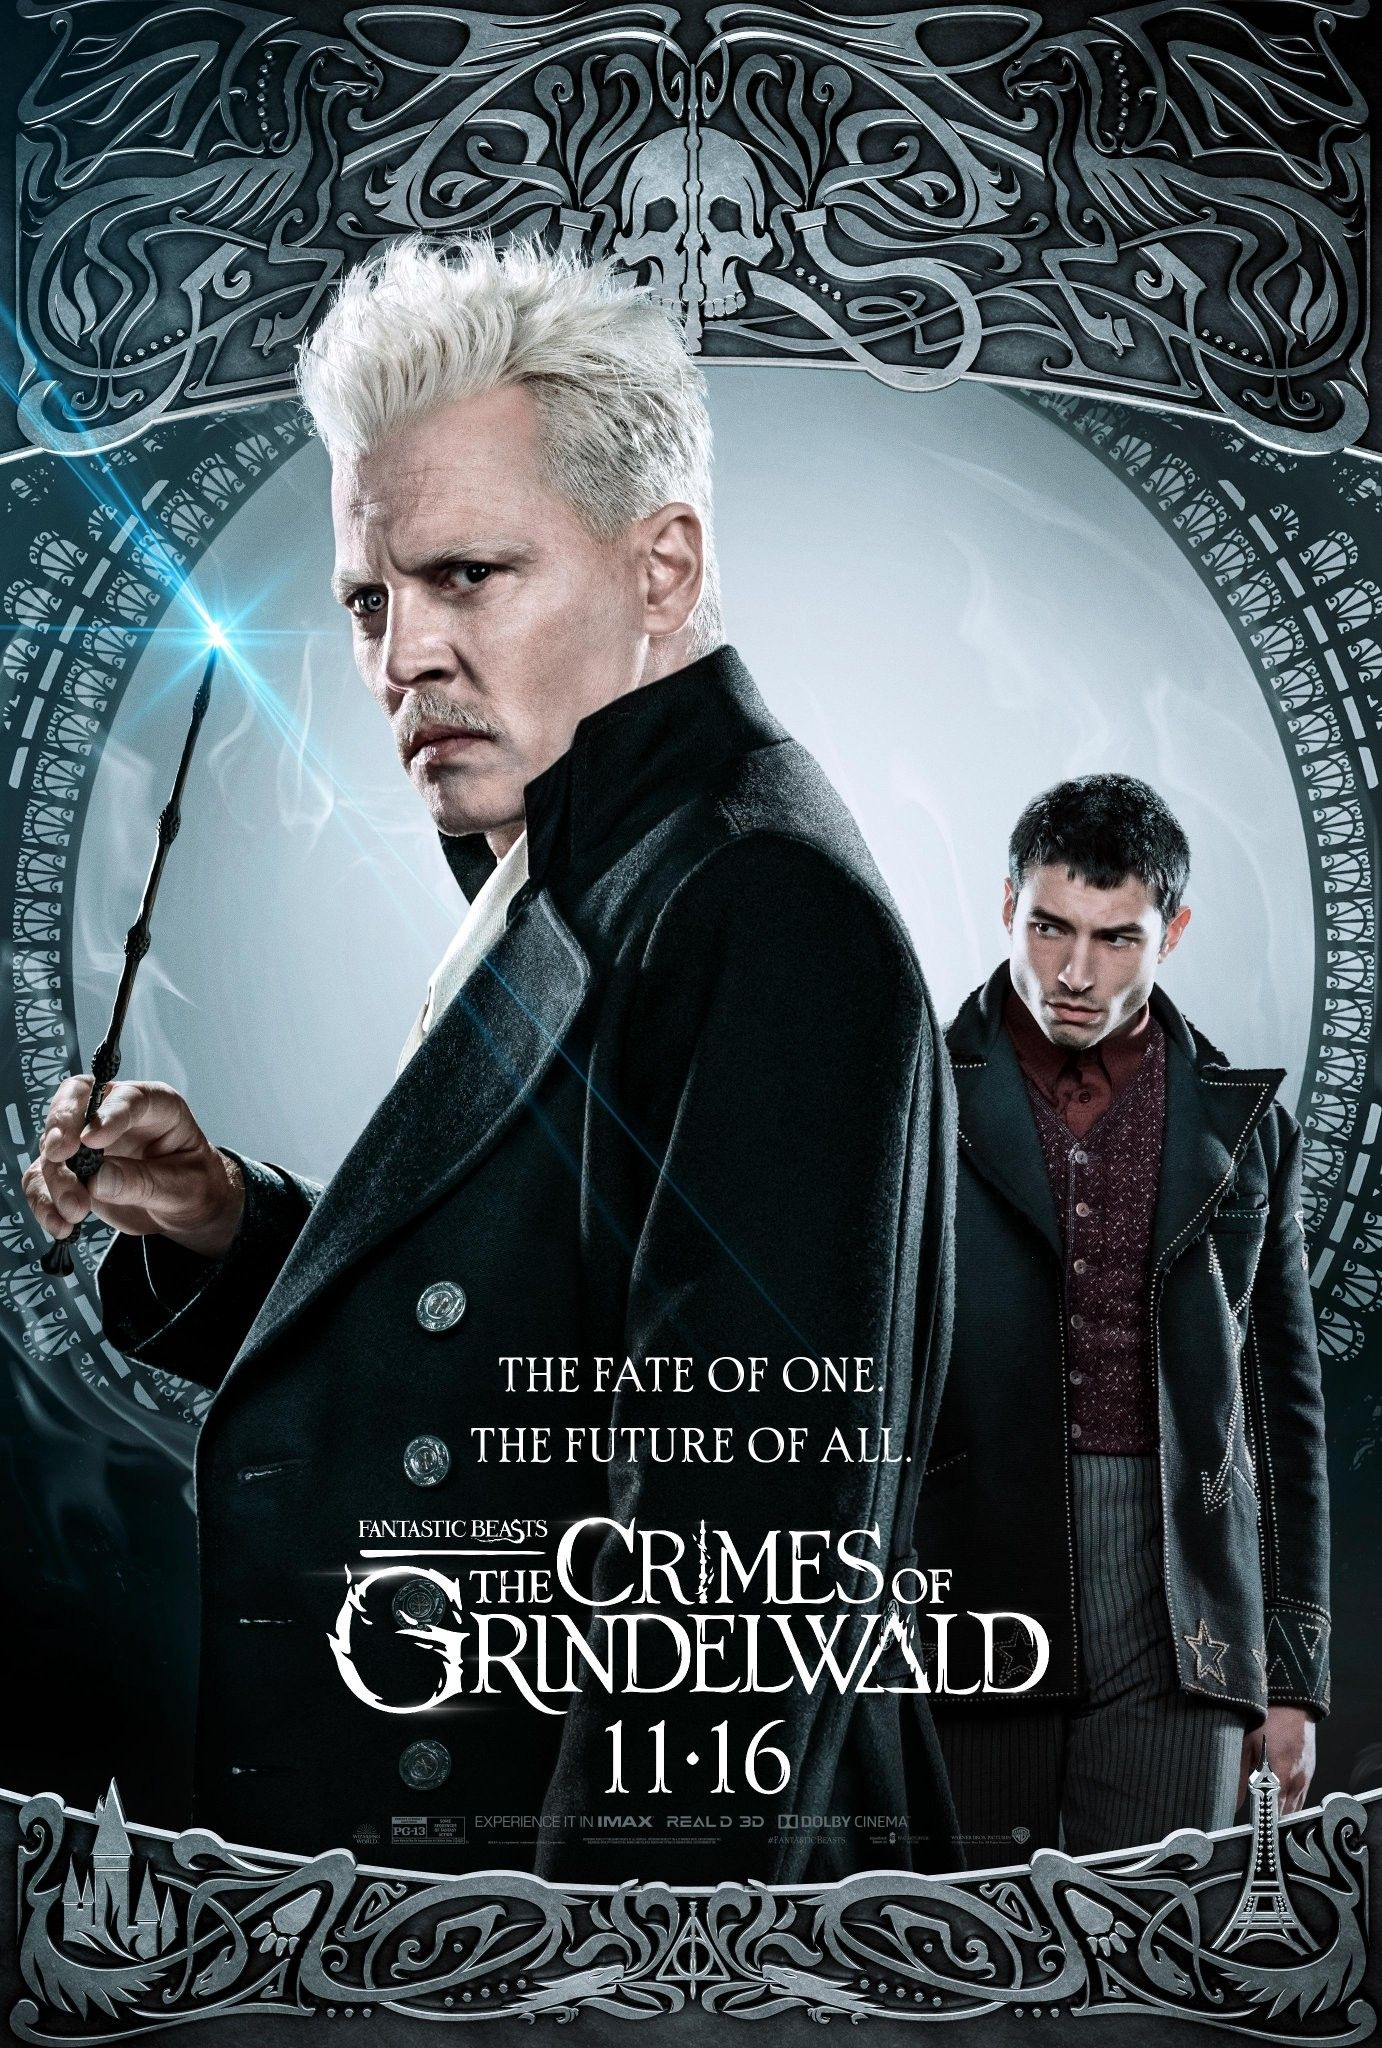 Les Animaux Fantastiques Les Crimes De Grindelwald : animaux, fantastiques, crimes, grindelwald, Grindelwald, Croyance, Animaux, Fantastiques:, Crimes, John…, Fantastiques,, Fantastiques